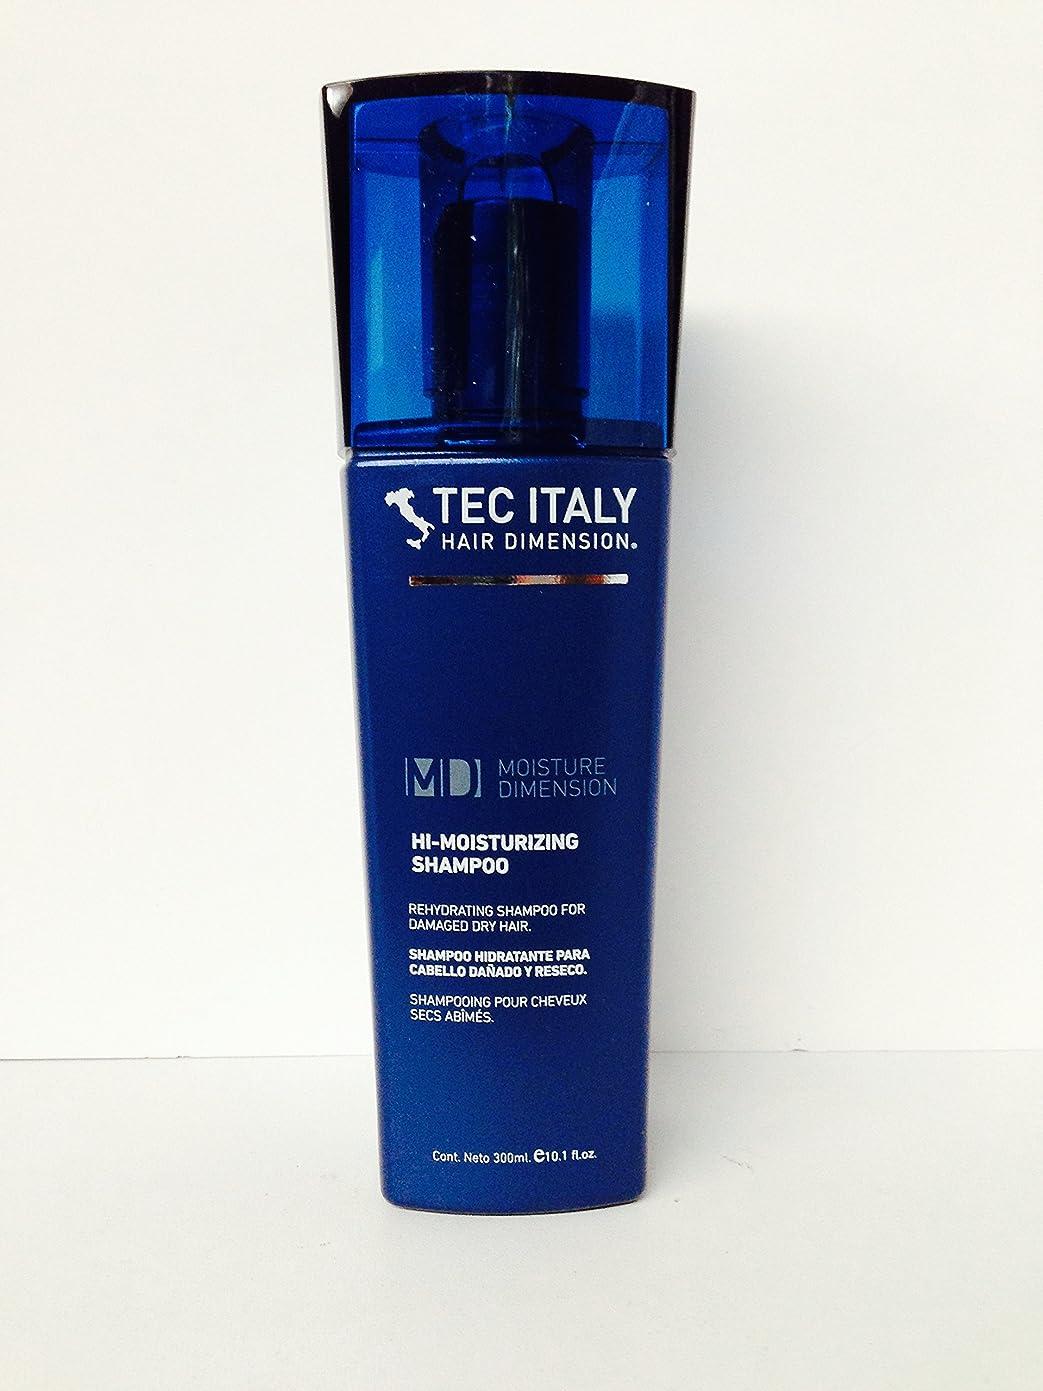 踏み台おもしろいデータムTec Italy Hair Dimension Moisture Dimension Hi-moisturizing Shampoo 10.1 Oz by Unknown [並行輸入品]